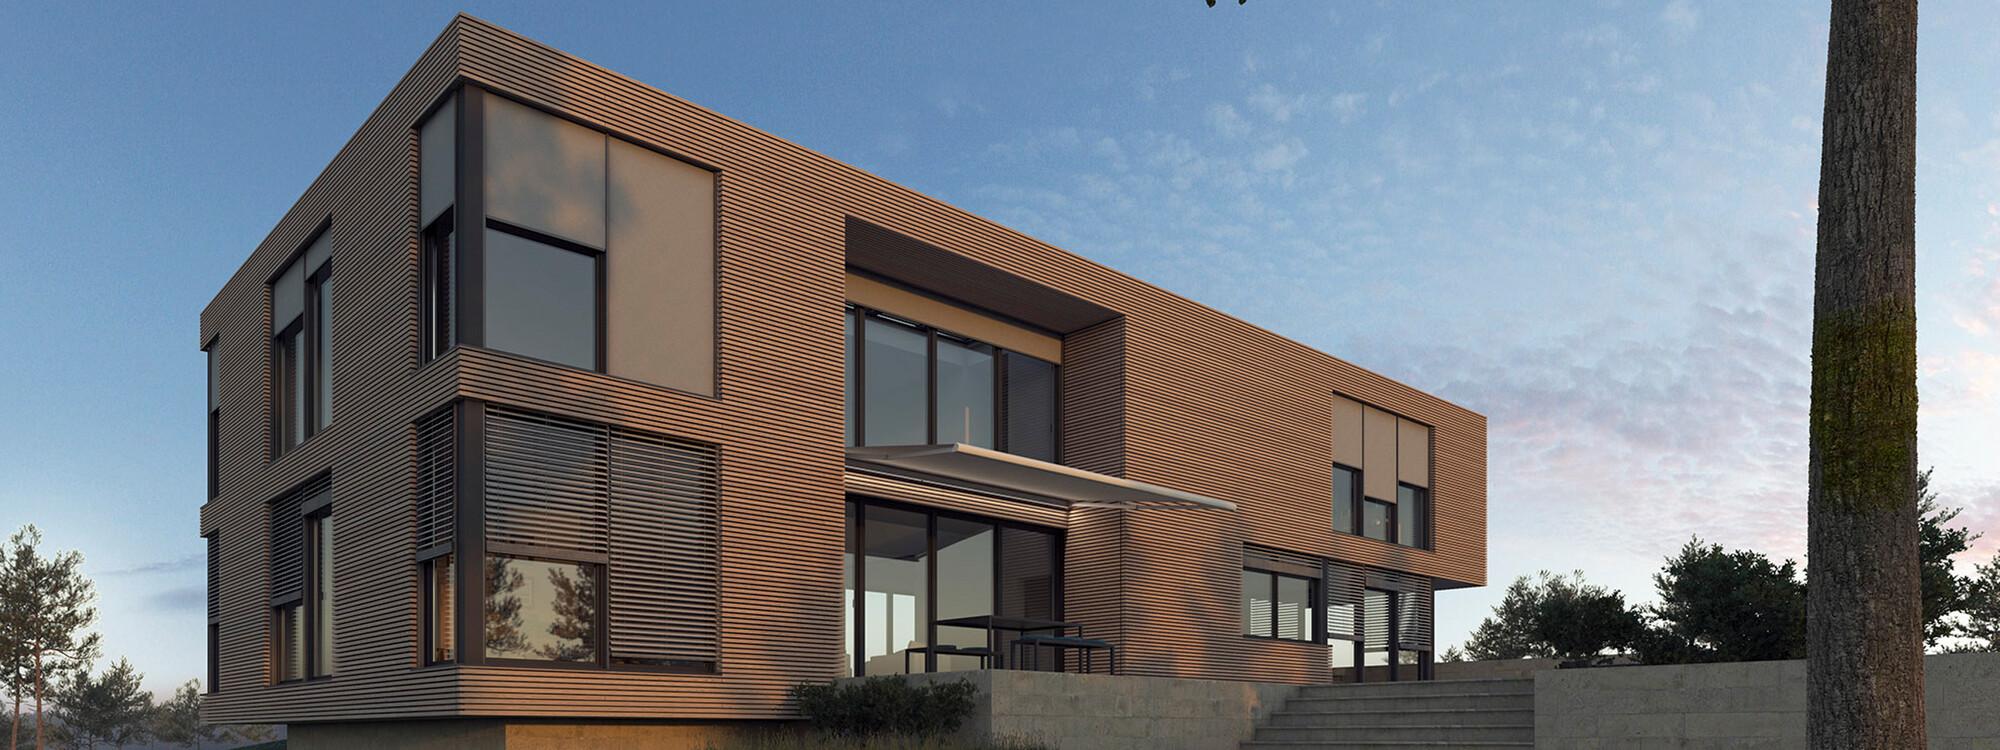 Modernes Haus mit WOUNDWO Sonnenschutzprodukten